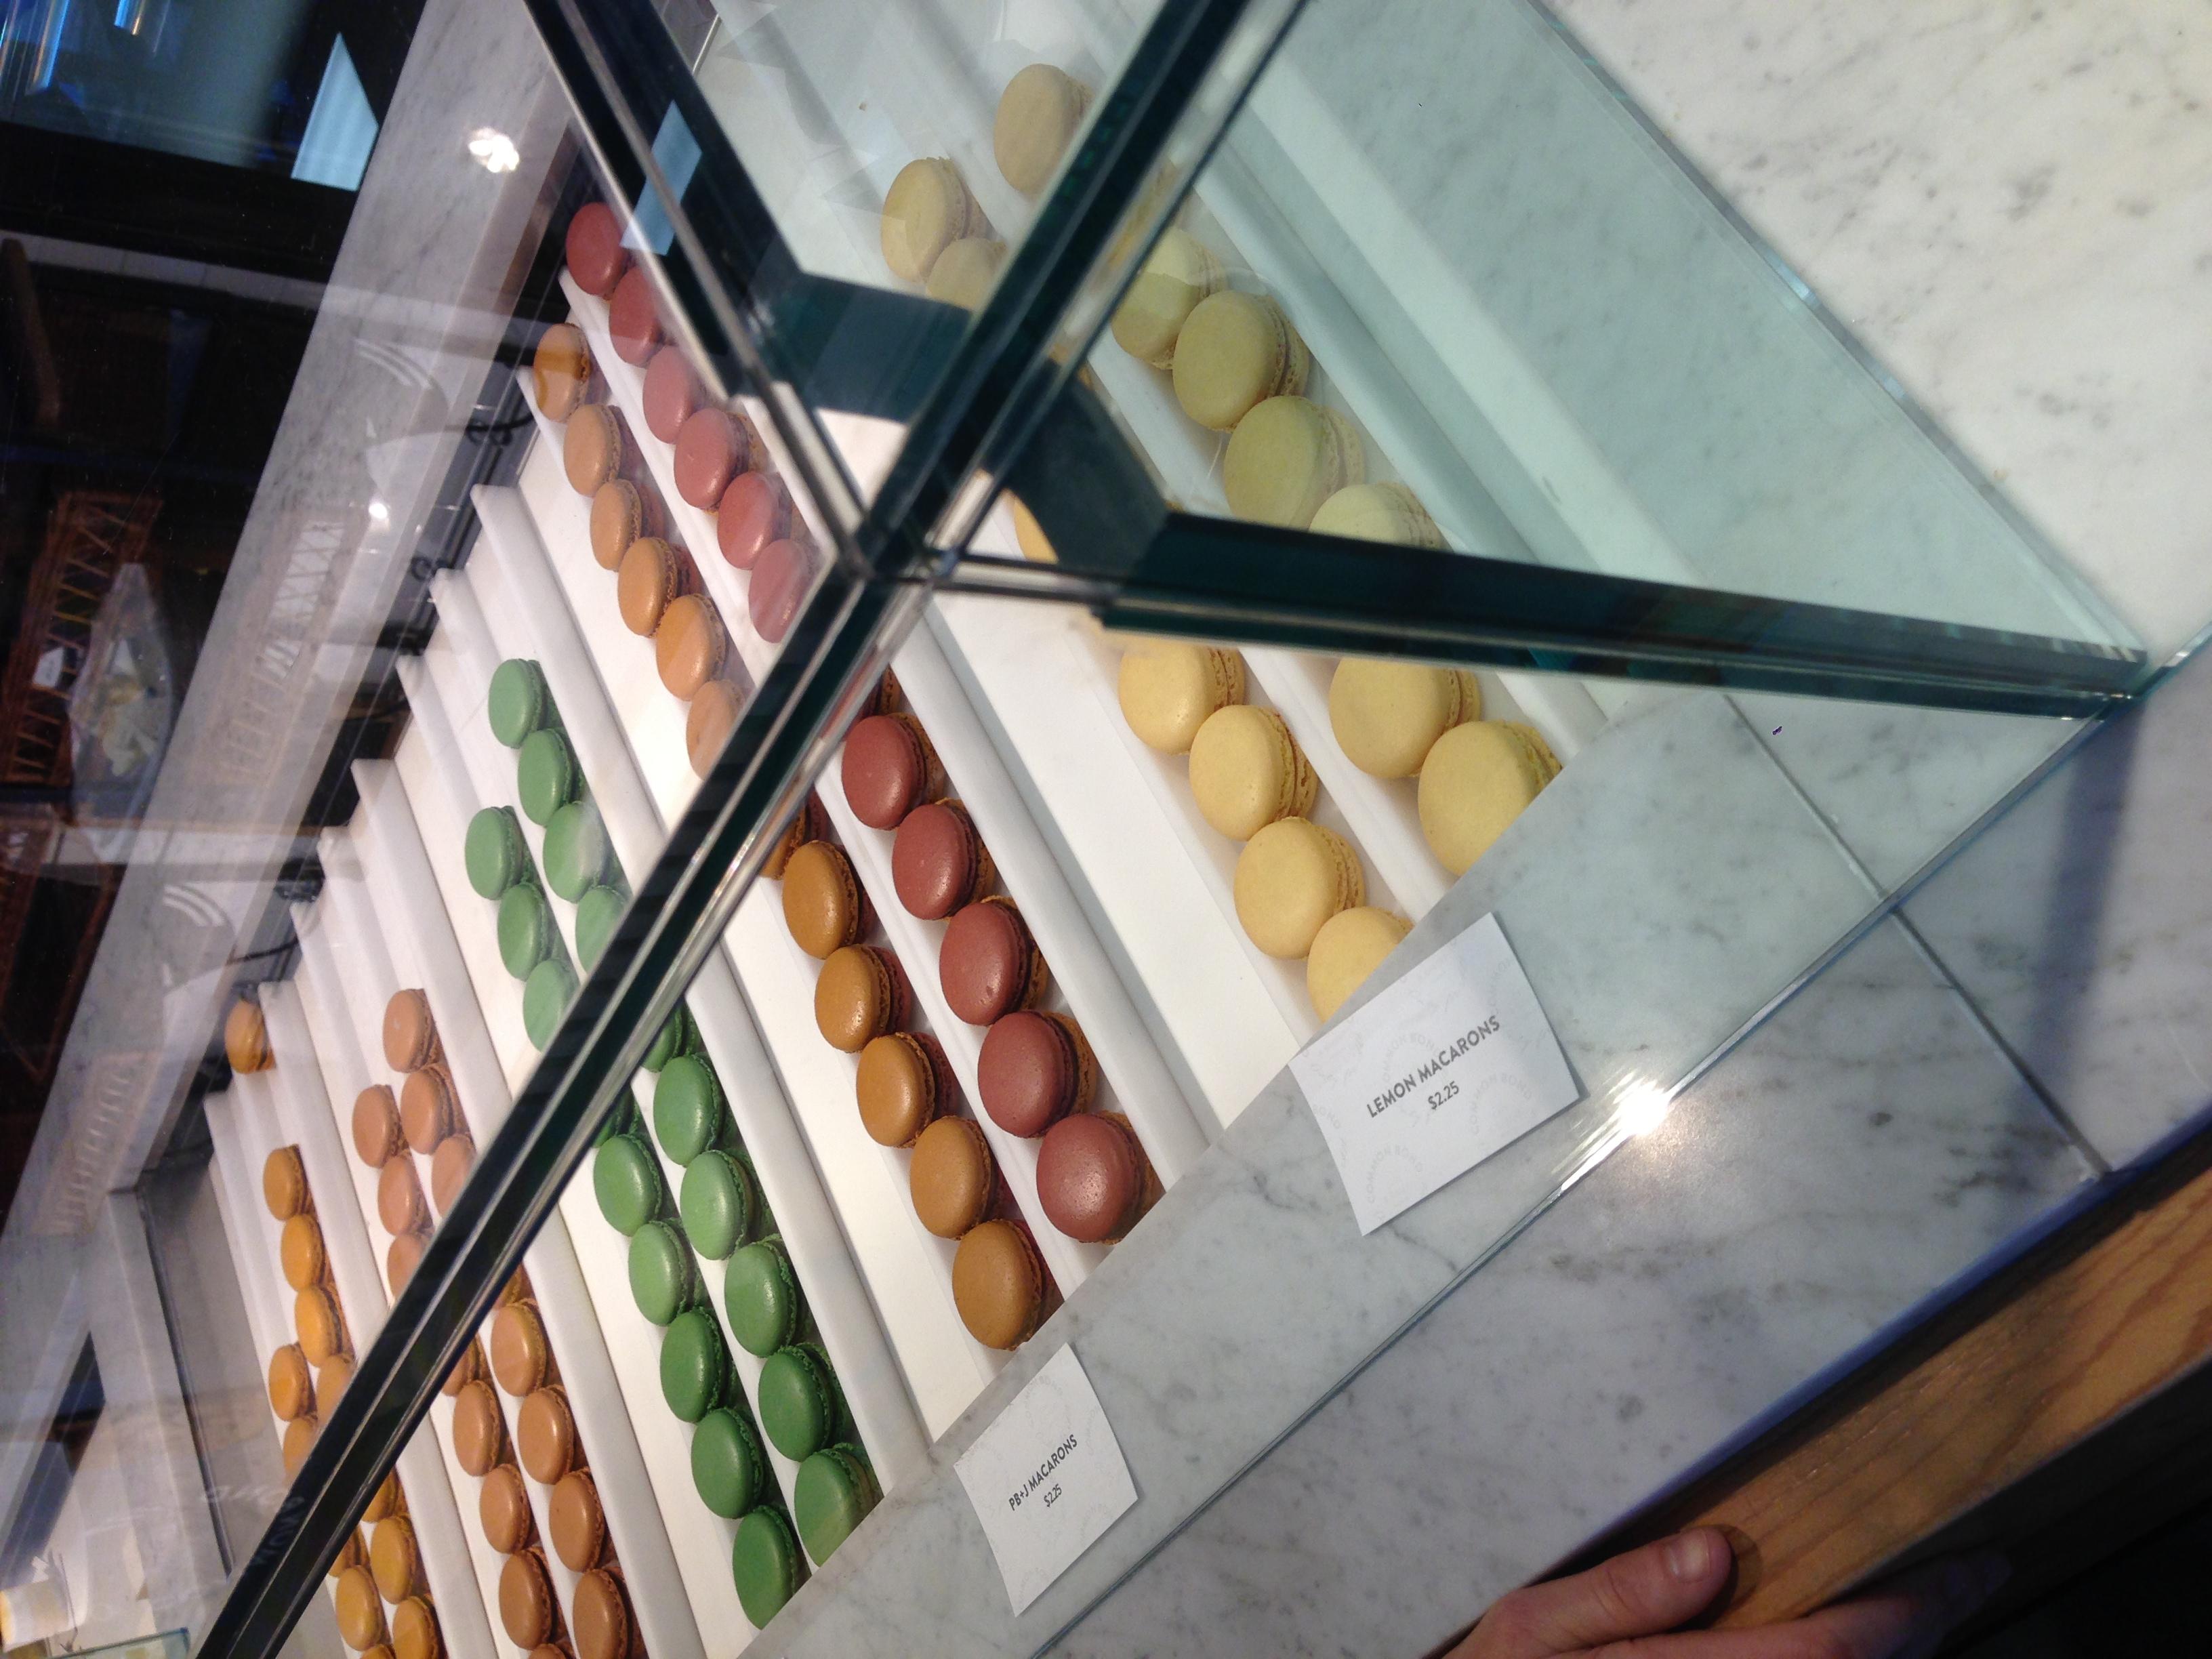 macarons. i love macarons. more than i love a lot of thangs.